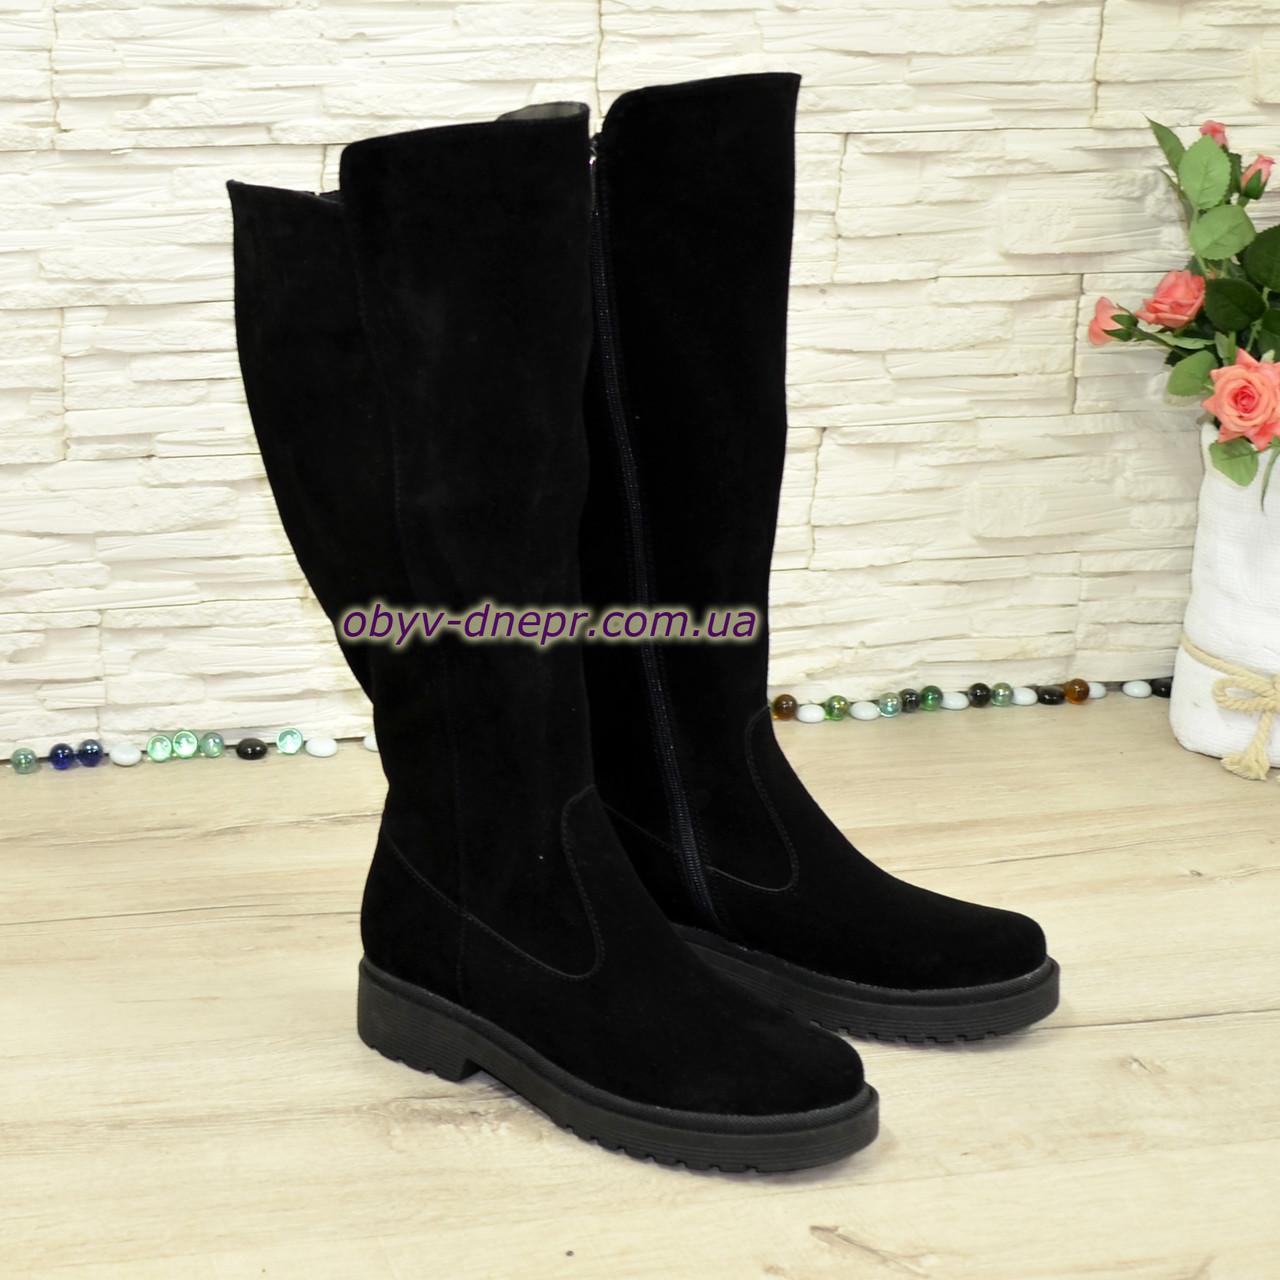 Чоботи жіночі чорні замшеві зимові на товстій підошві